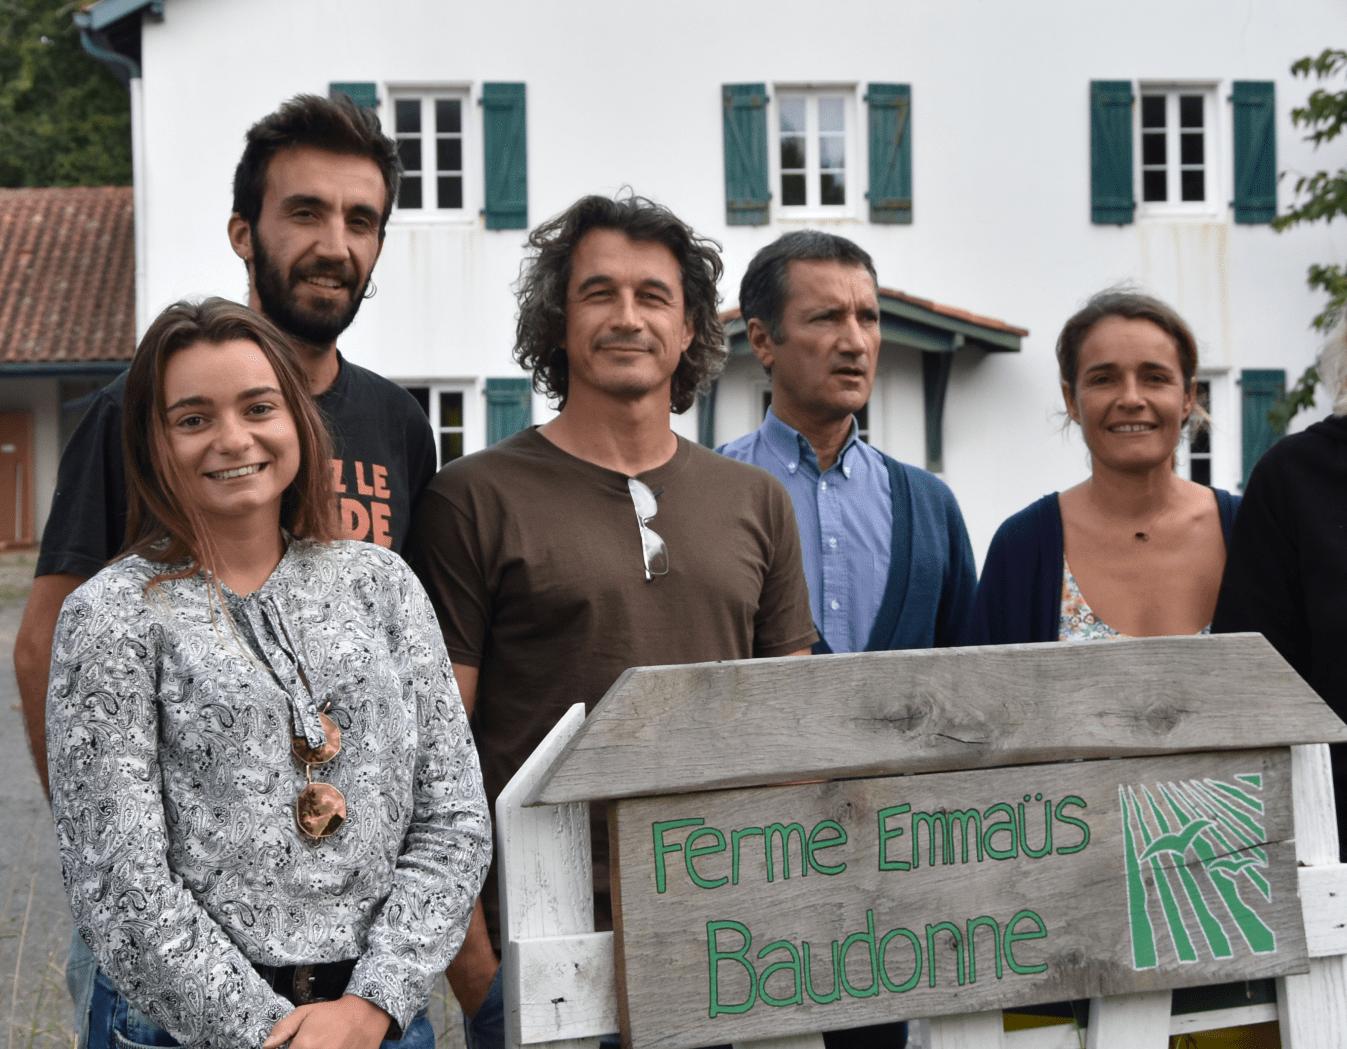 La Ferme Baudonne : le projet numérique soutenu par Trëmma